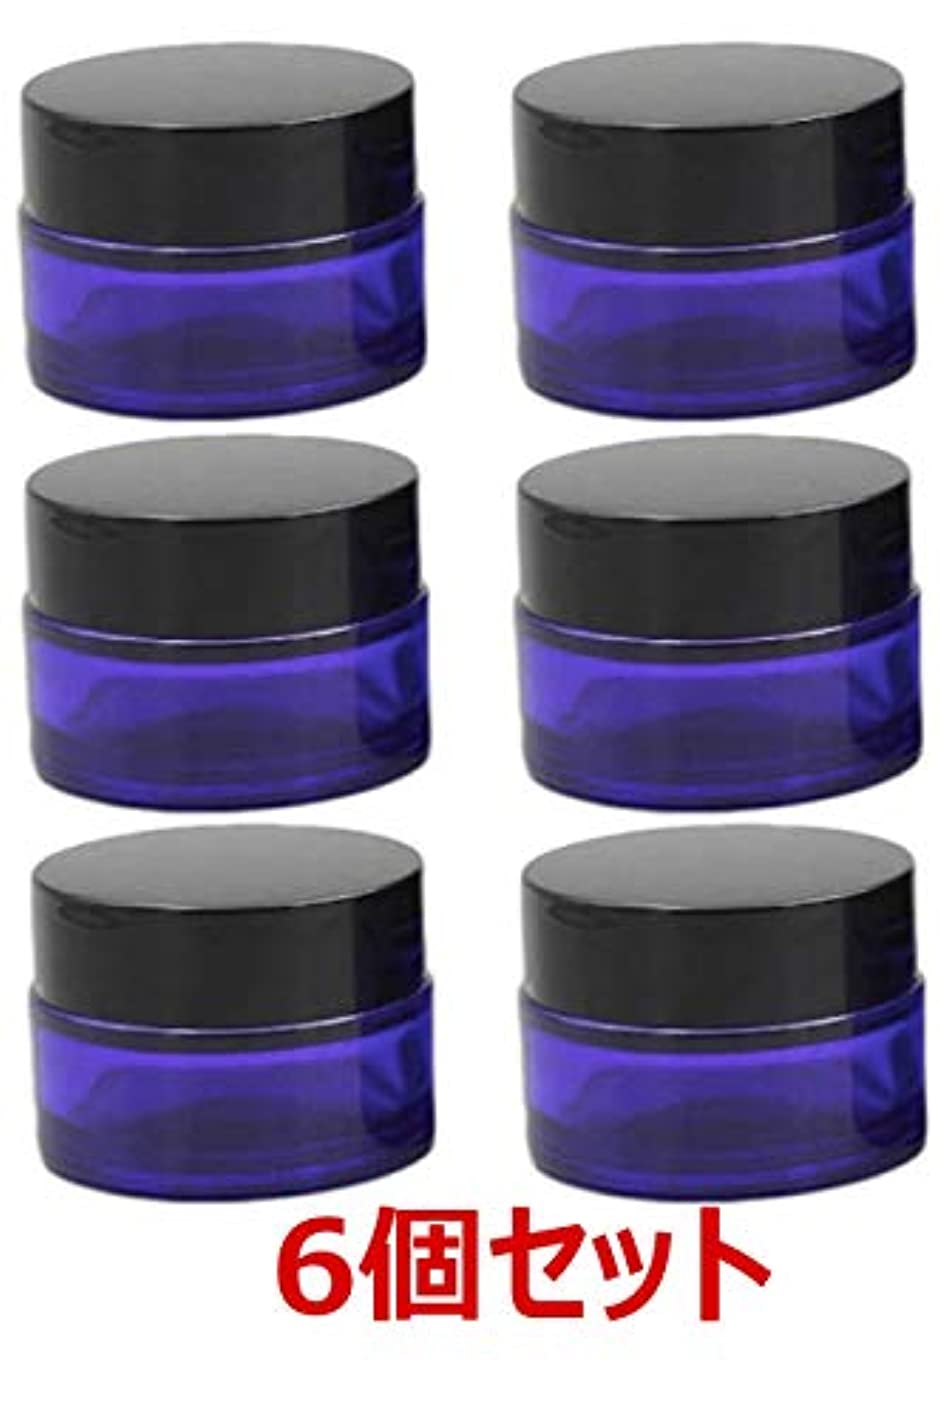 時間食べる篭[ルボナリエ] 遮光瓶 クリーム容器 ガラス 耐熱クリーム容器 バーム 容器 コスメ容器 パープル 6個セット (20g)